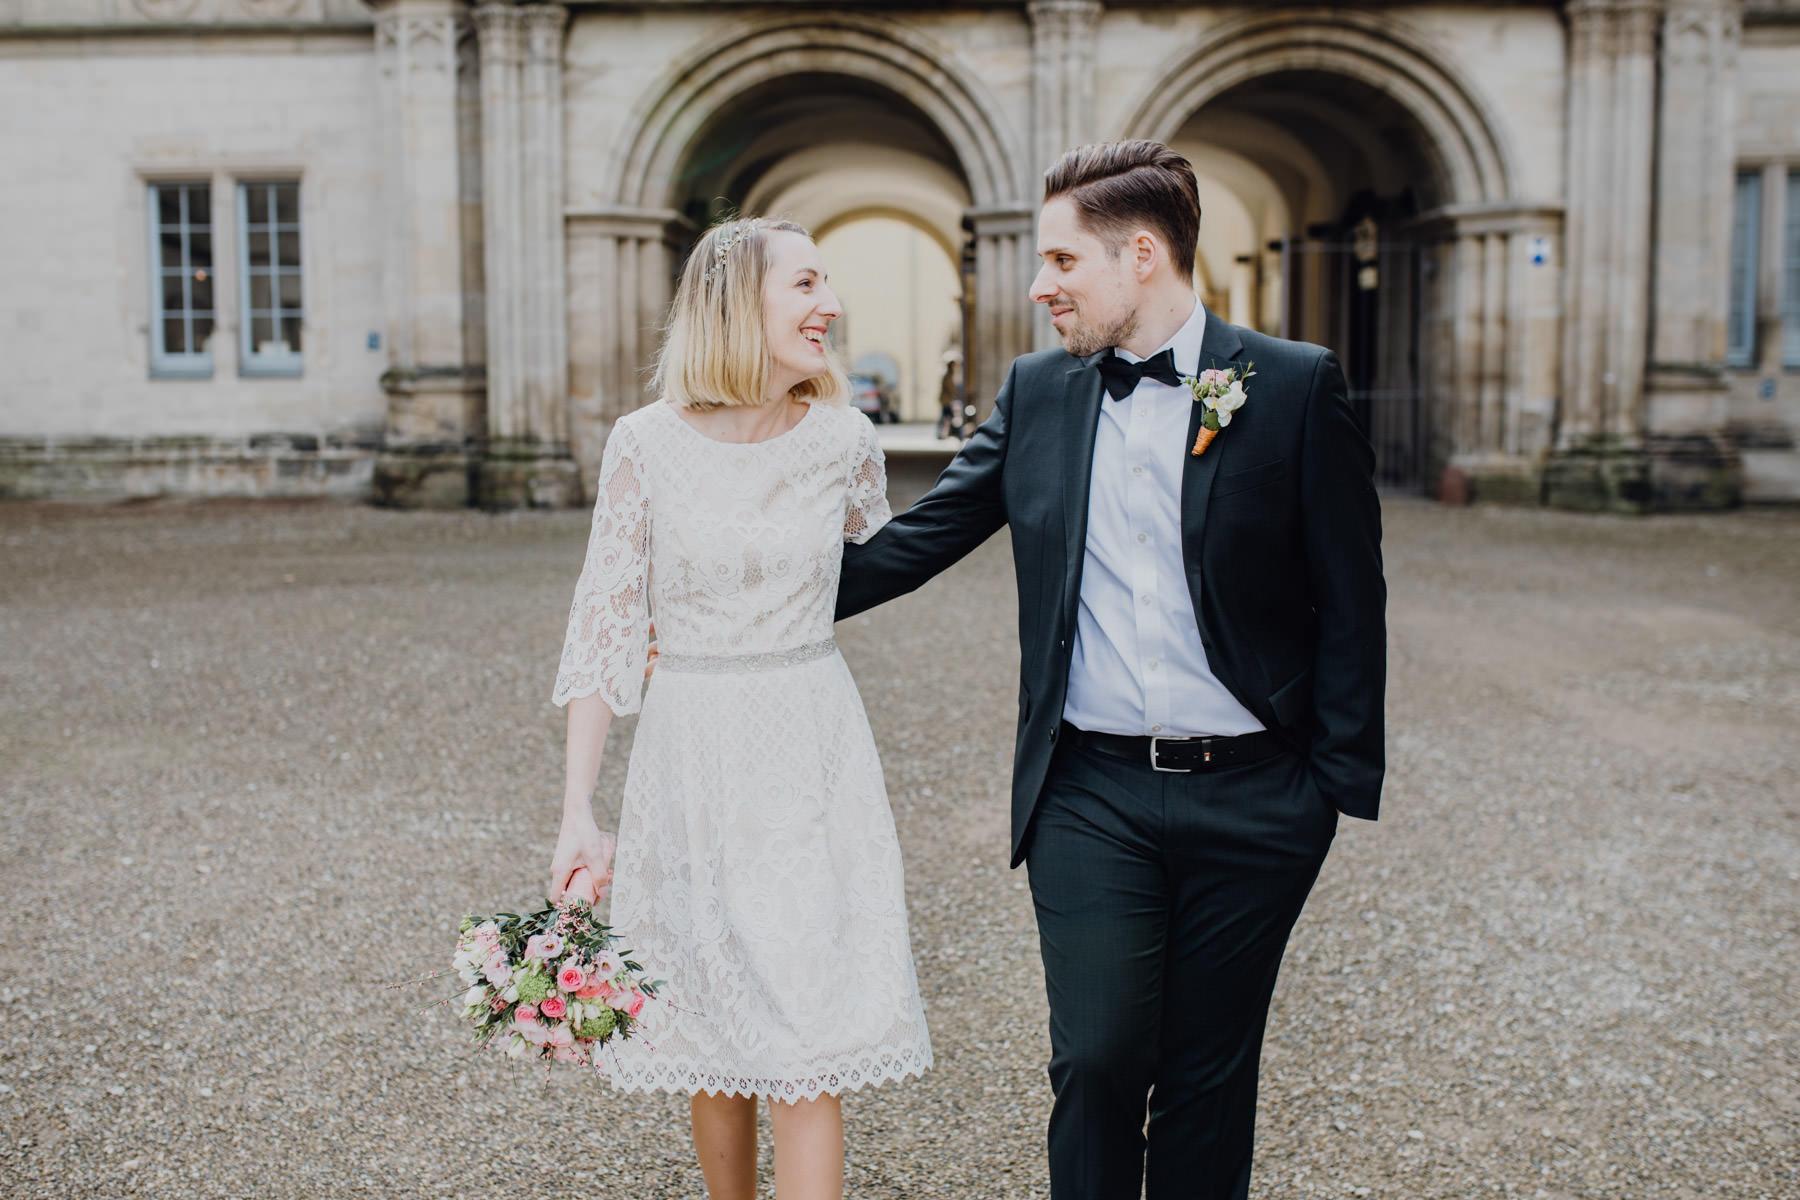 Portrait eines Paares am Tag der Hochzeit